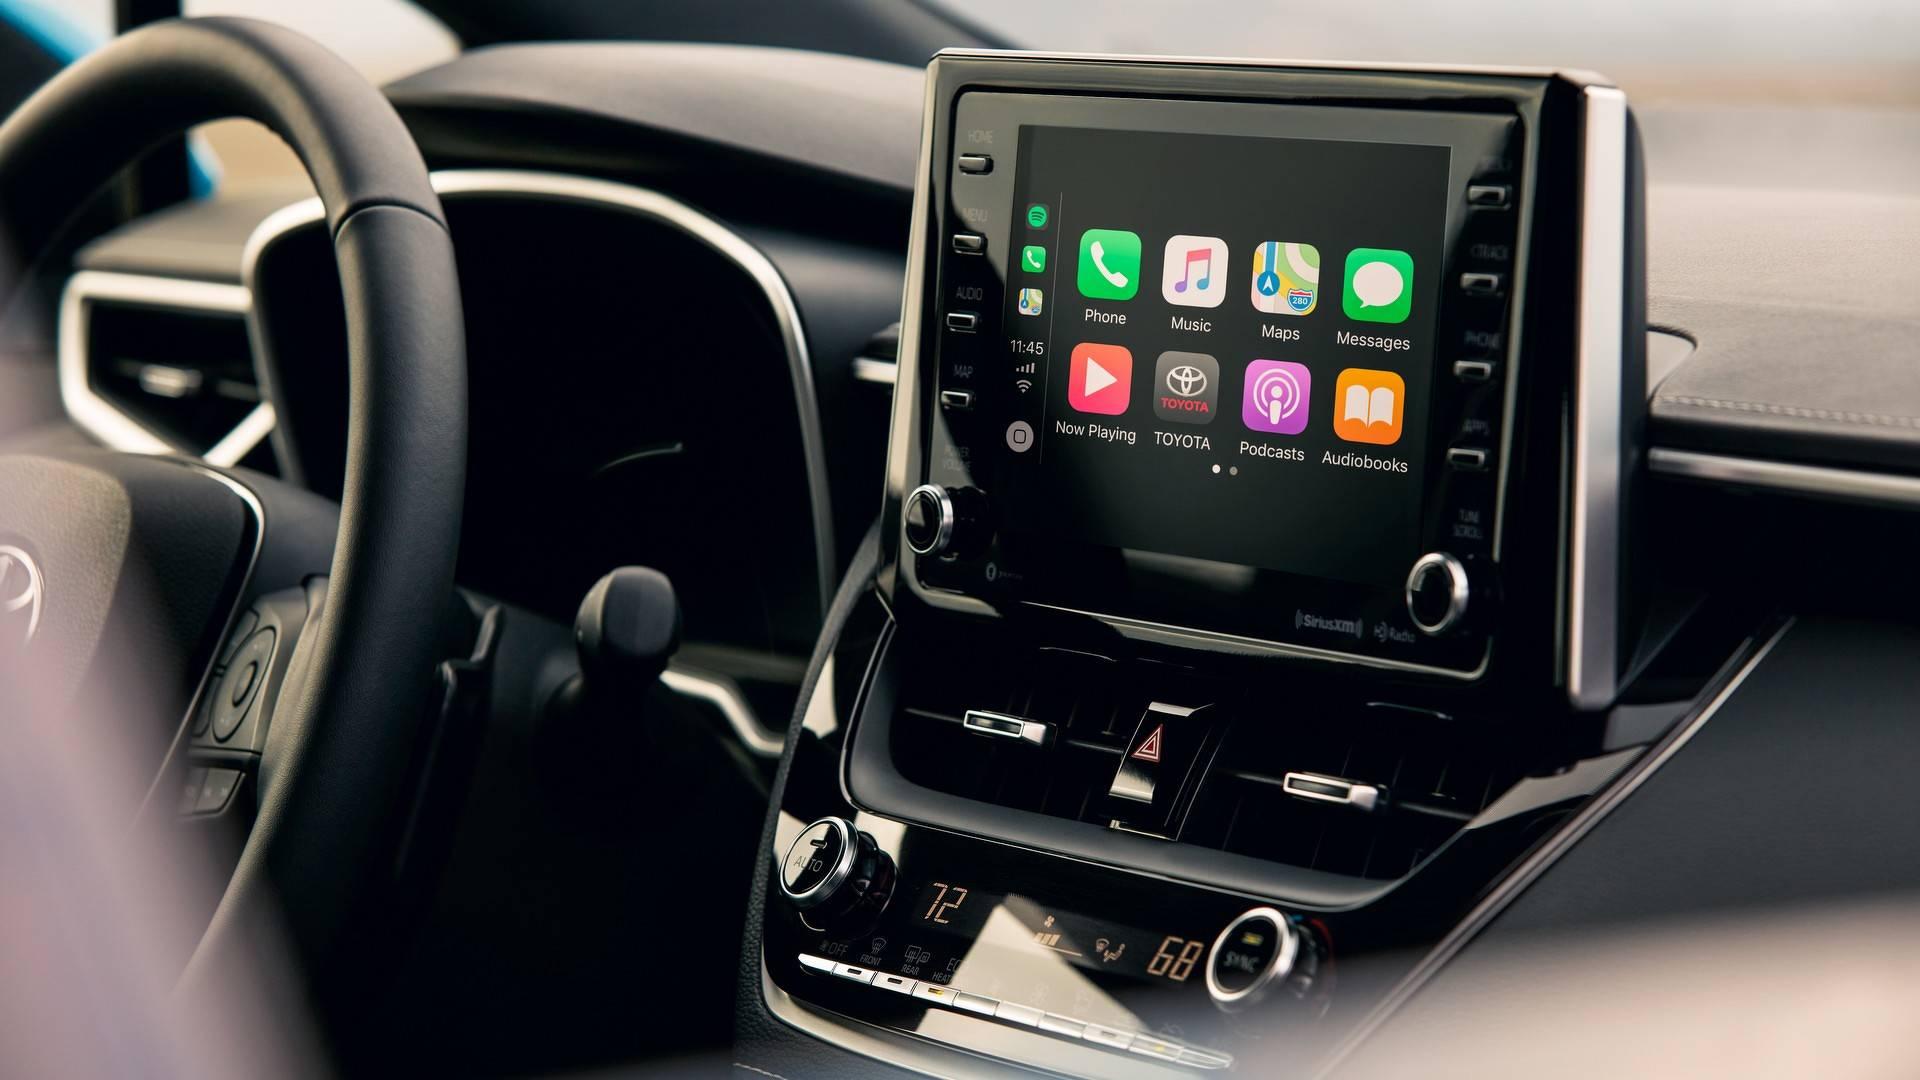 2019_Toyota_Corolla_Hatchback_0019